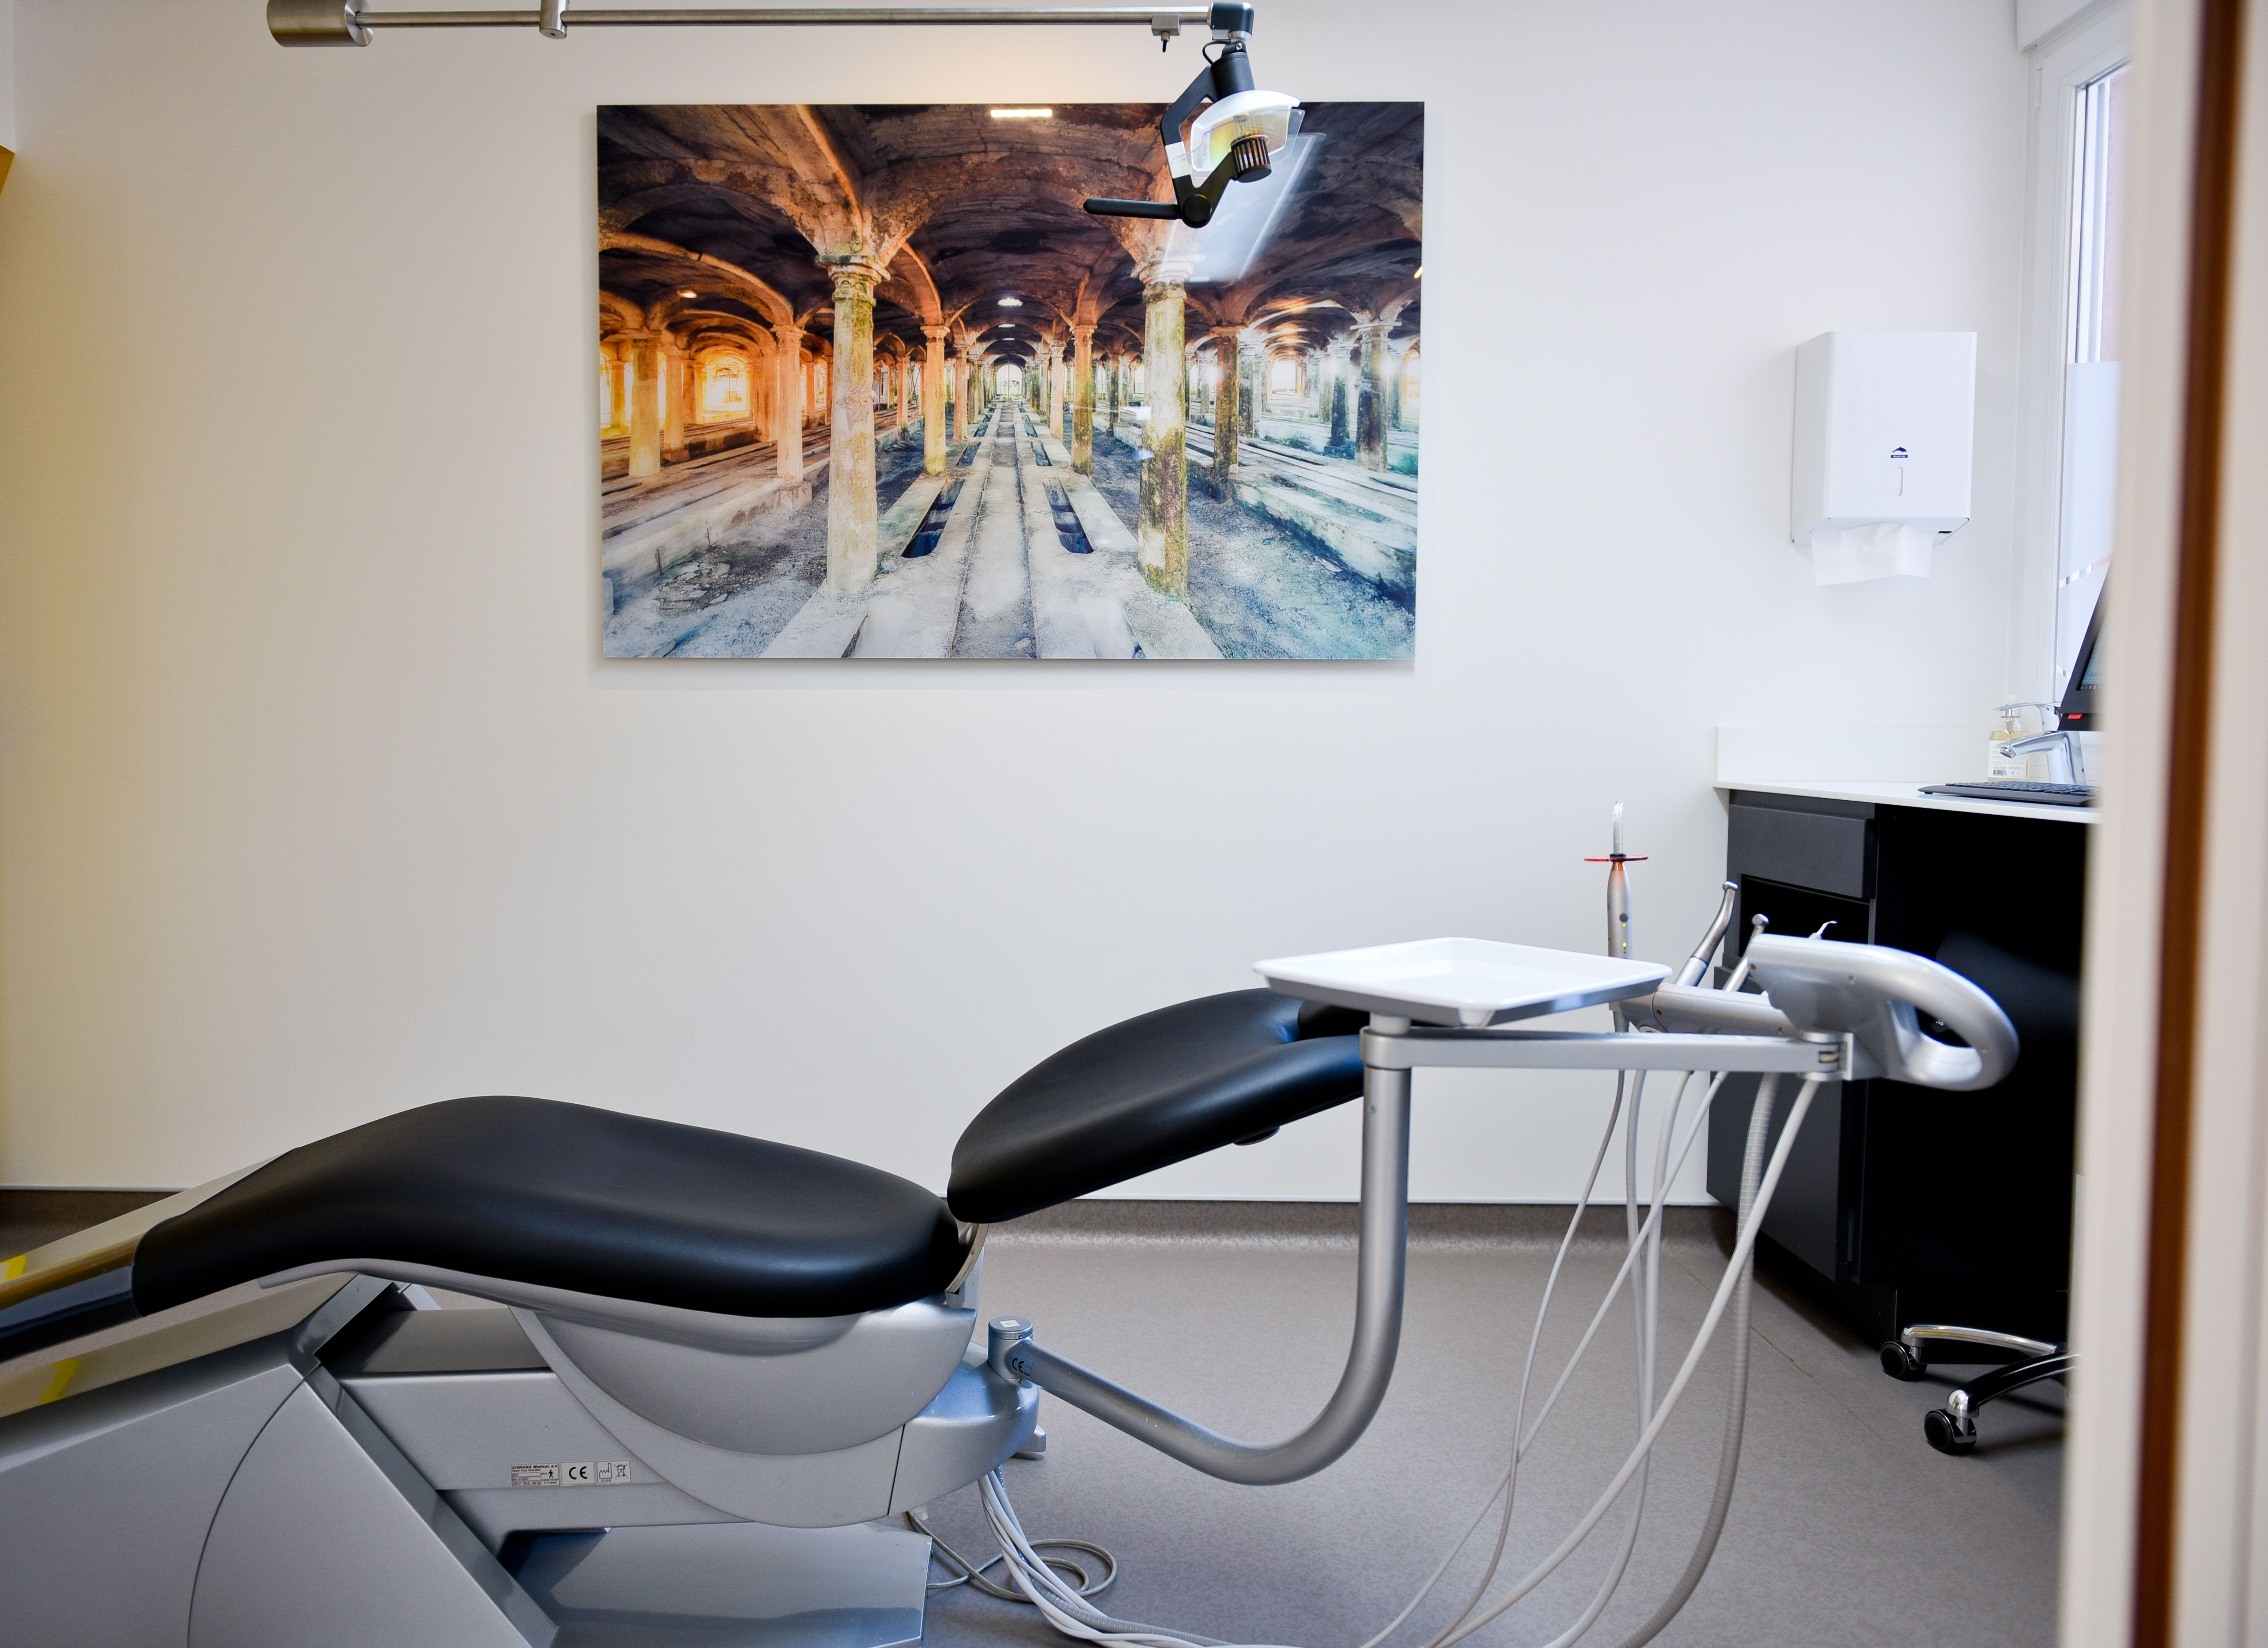 Fauteuil De Chirurgie Dentaire Et Lampe Dkl Projects